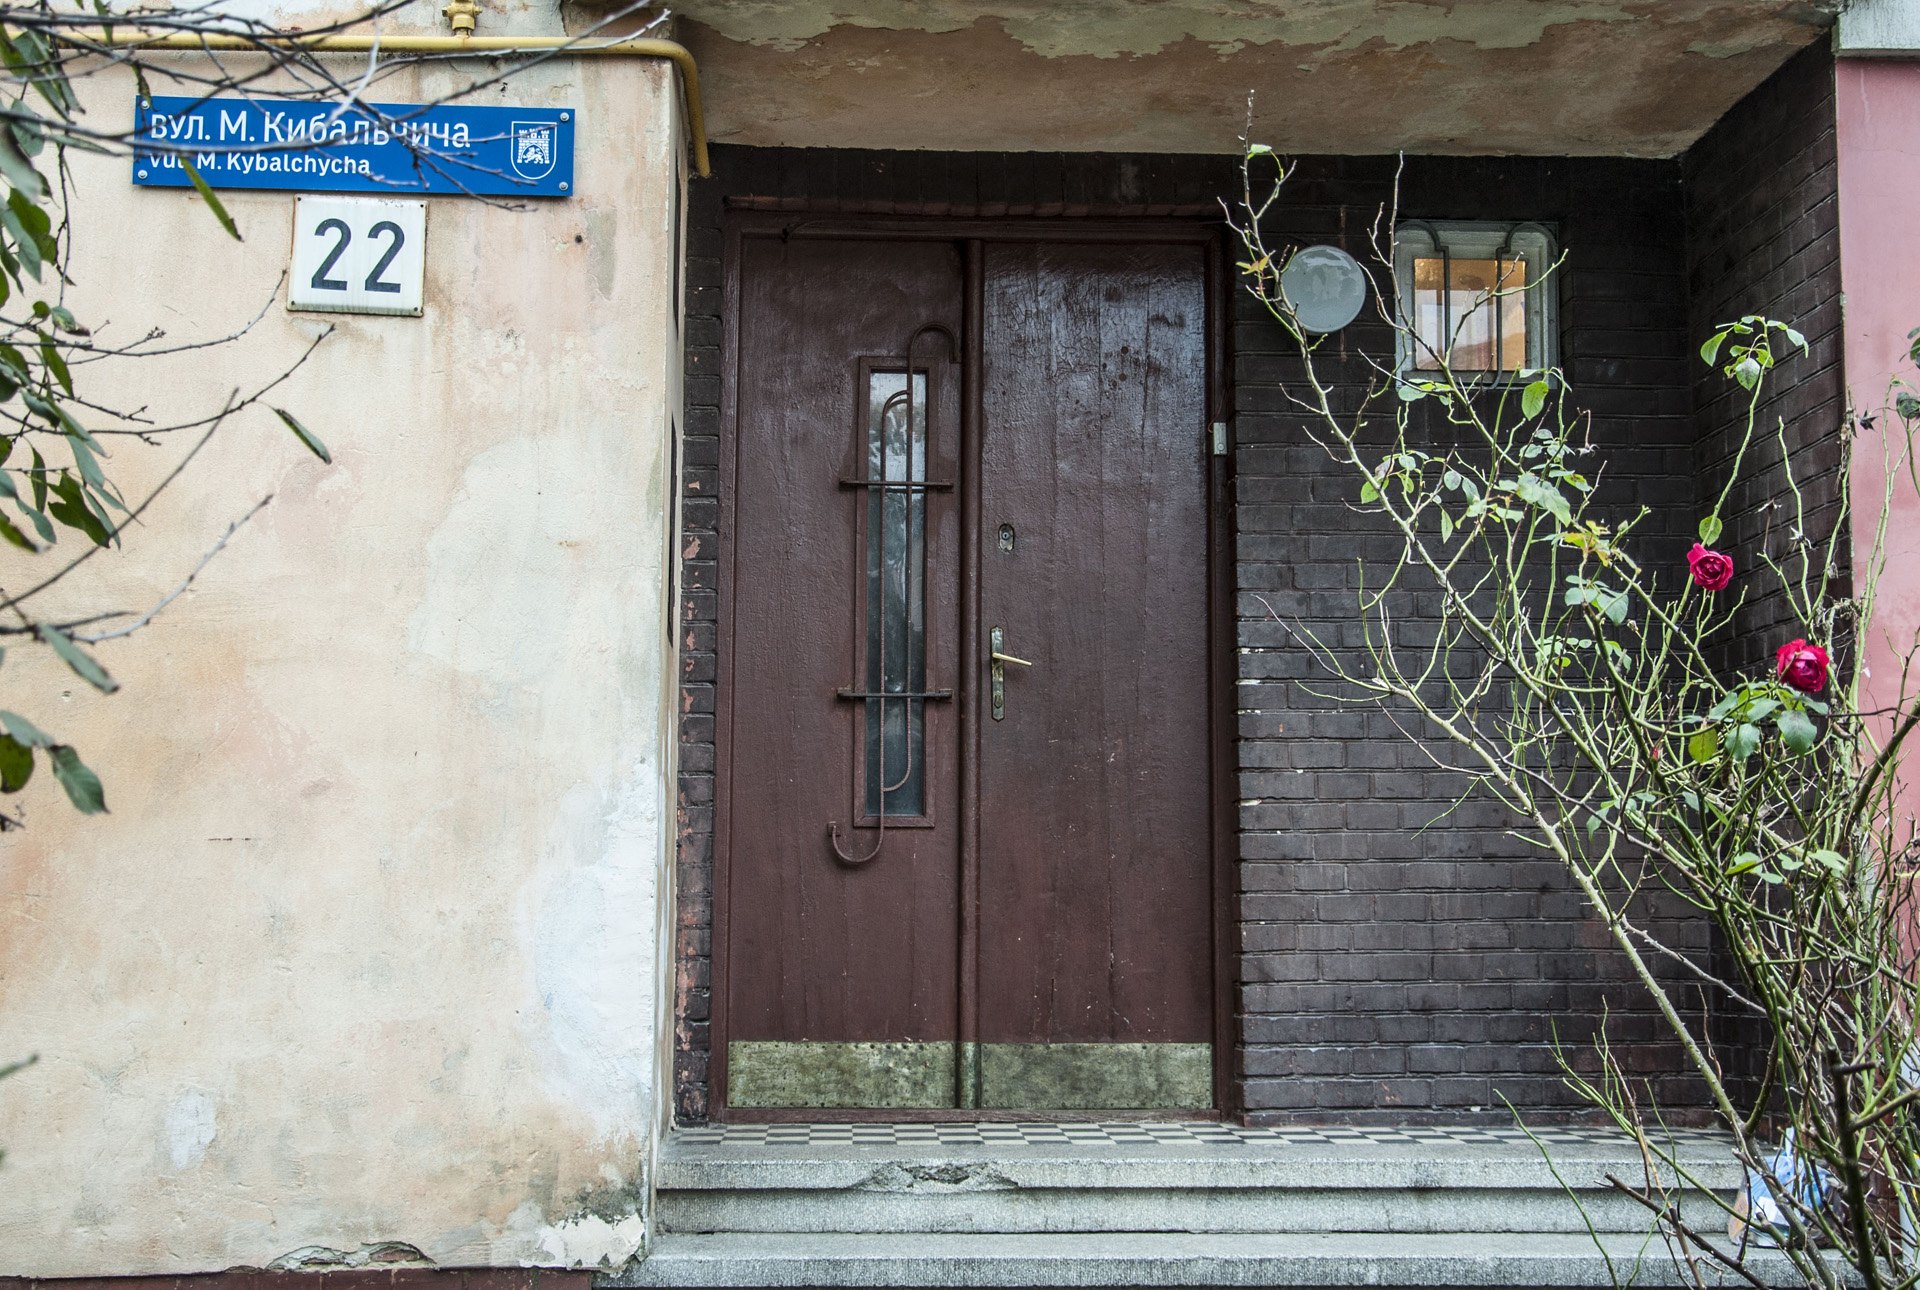 будинок по вулиці М. Кибальчича, 22